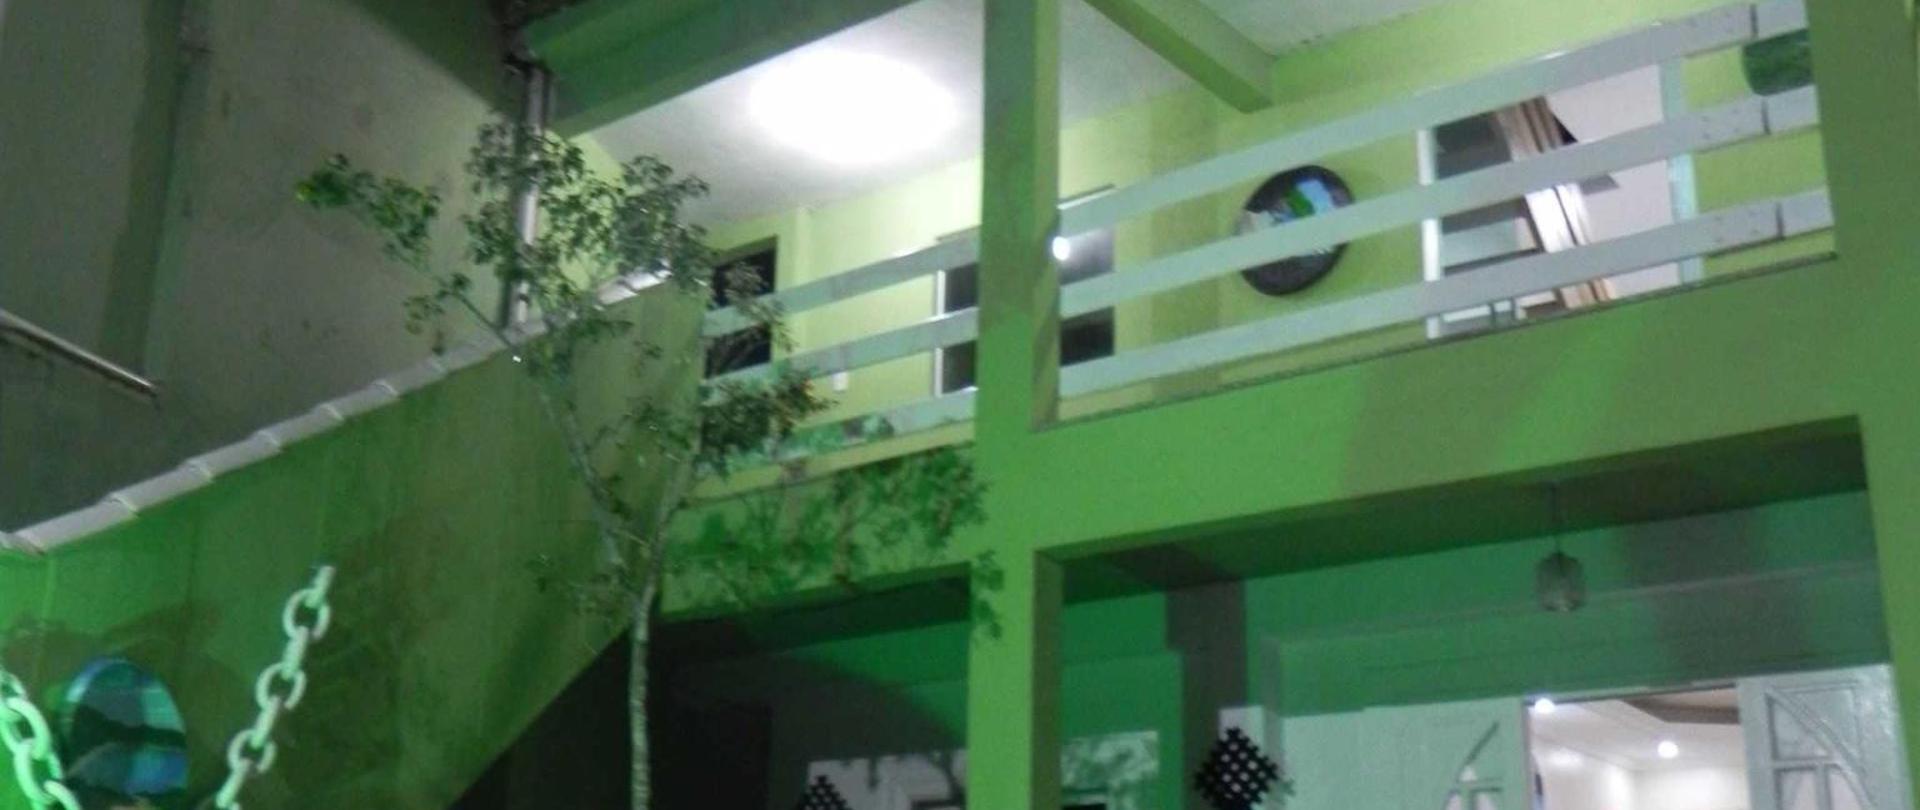 dscn1390-1.JPG